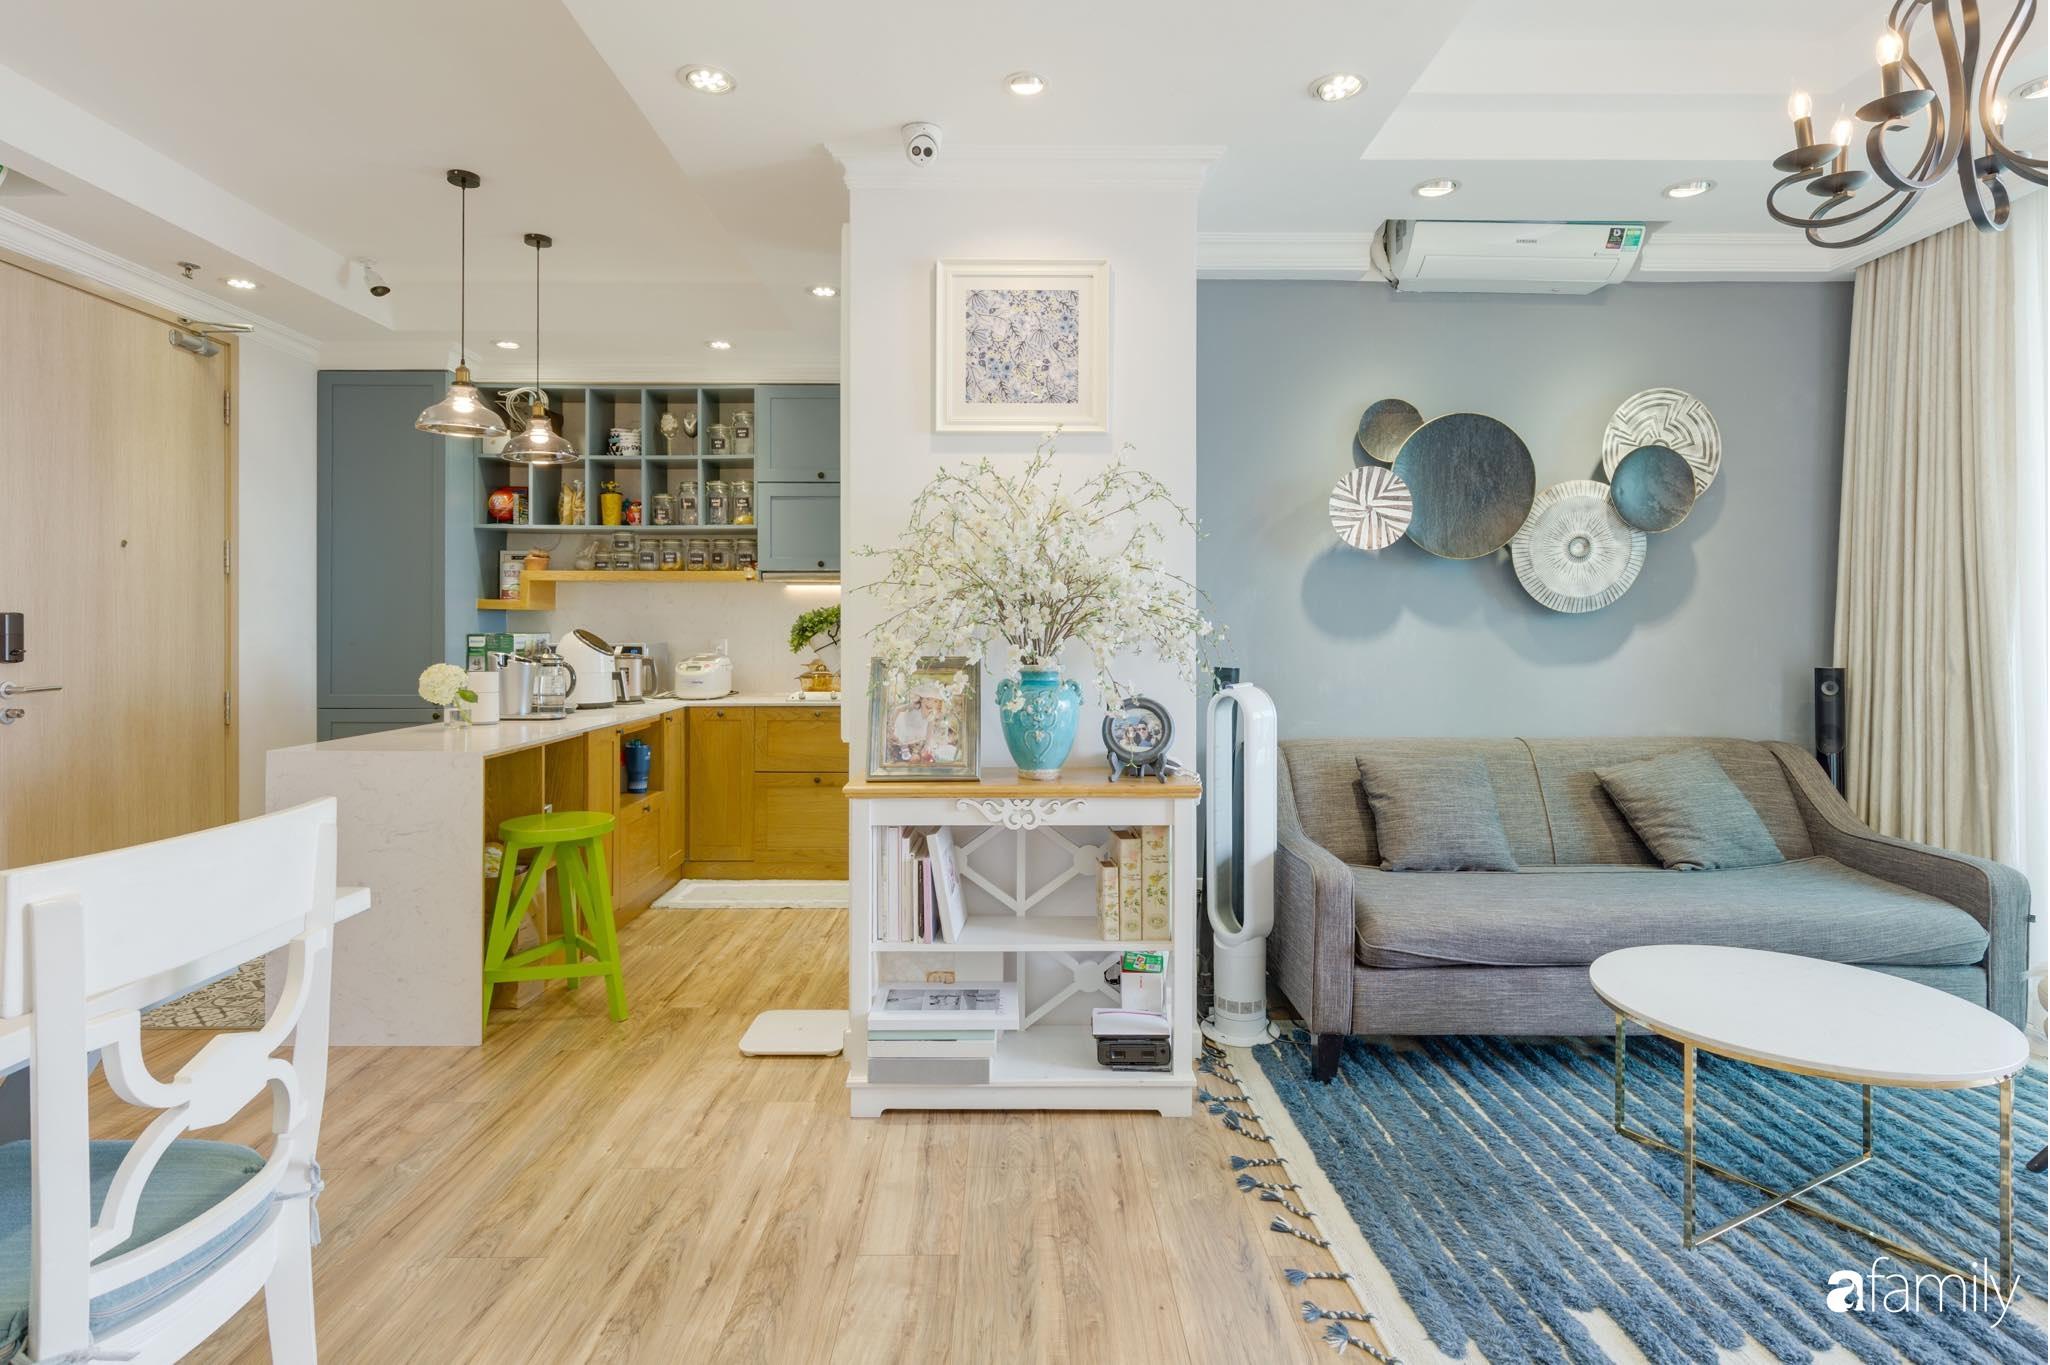 Căn hộ 92m² với góc nào cũng đẹp như trong tạp chí nước ngoài của gia chủ yêu thích trang trí nội thất ở Sài Gòn - Ảnh 1.